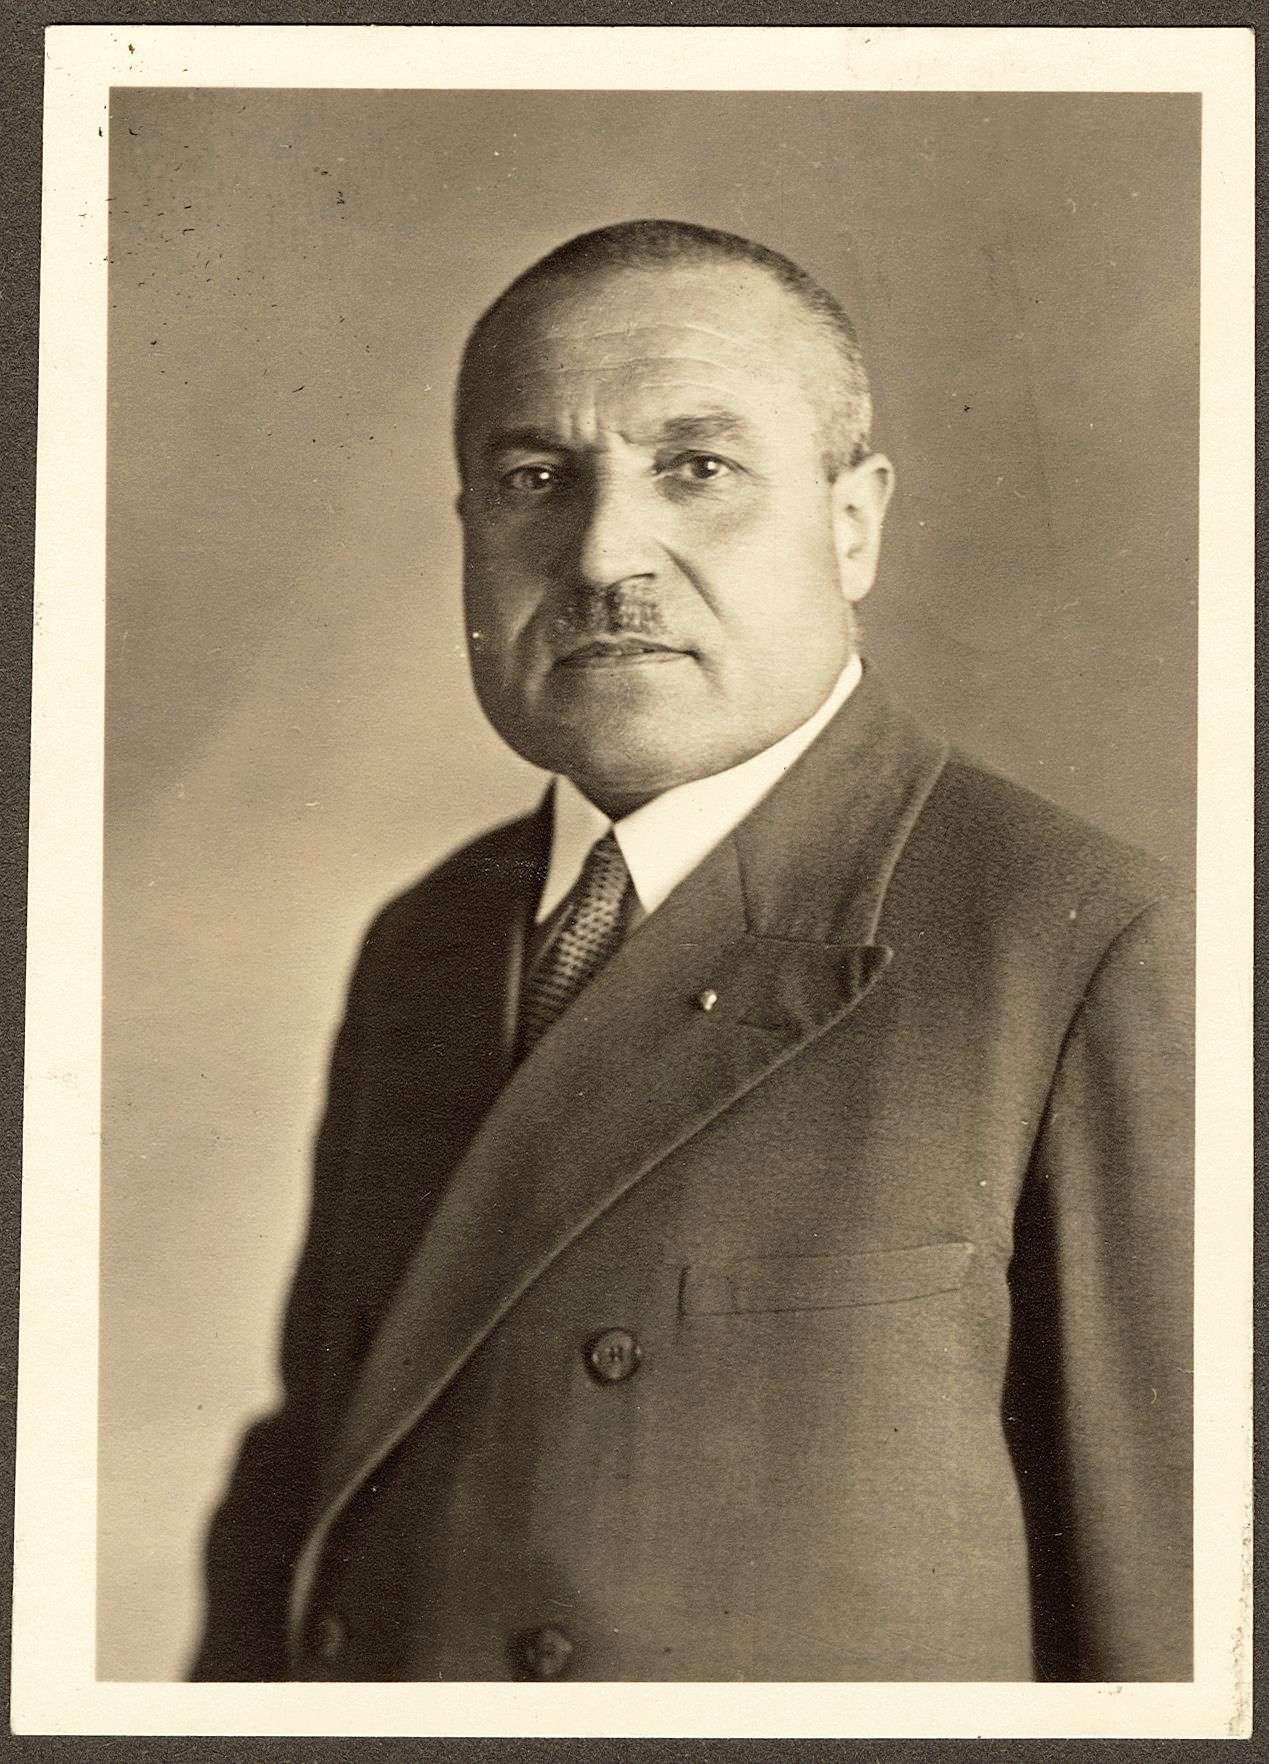 Kauhl, Gustav, Bild 2